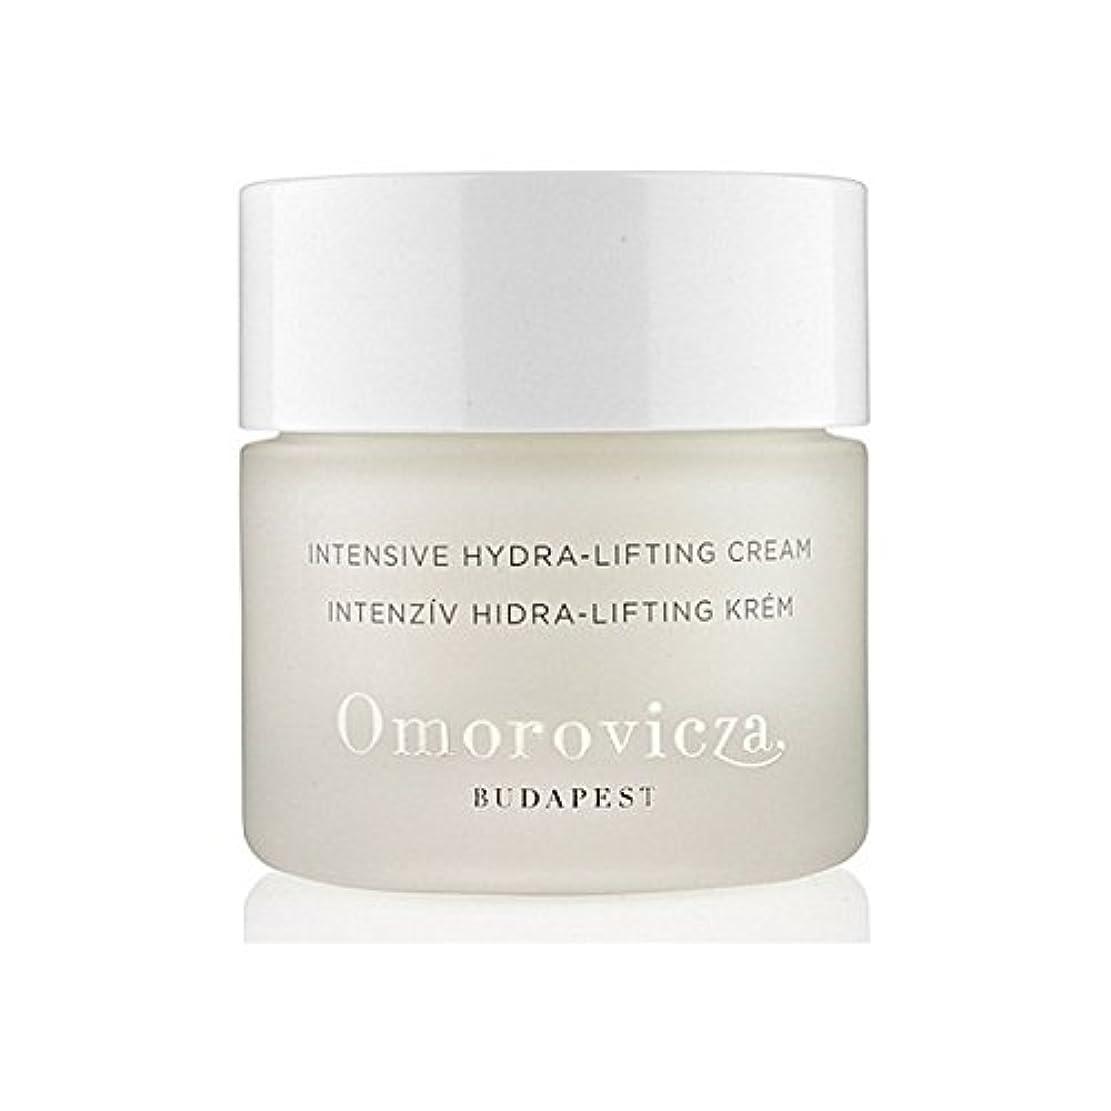 不良表面的な土曜日集中的なヒドラリフティングクリーム50 x4 - Omorovicza Intensive Hydra-Lifting Cream 50Ml (Pack of 4) [並行輸入品]